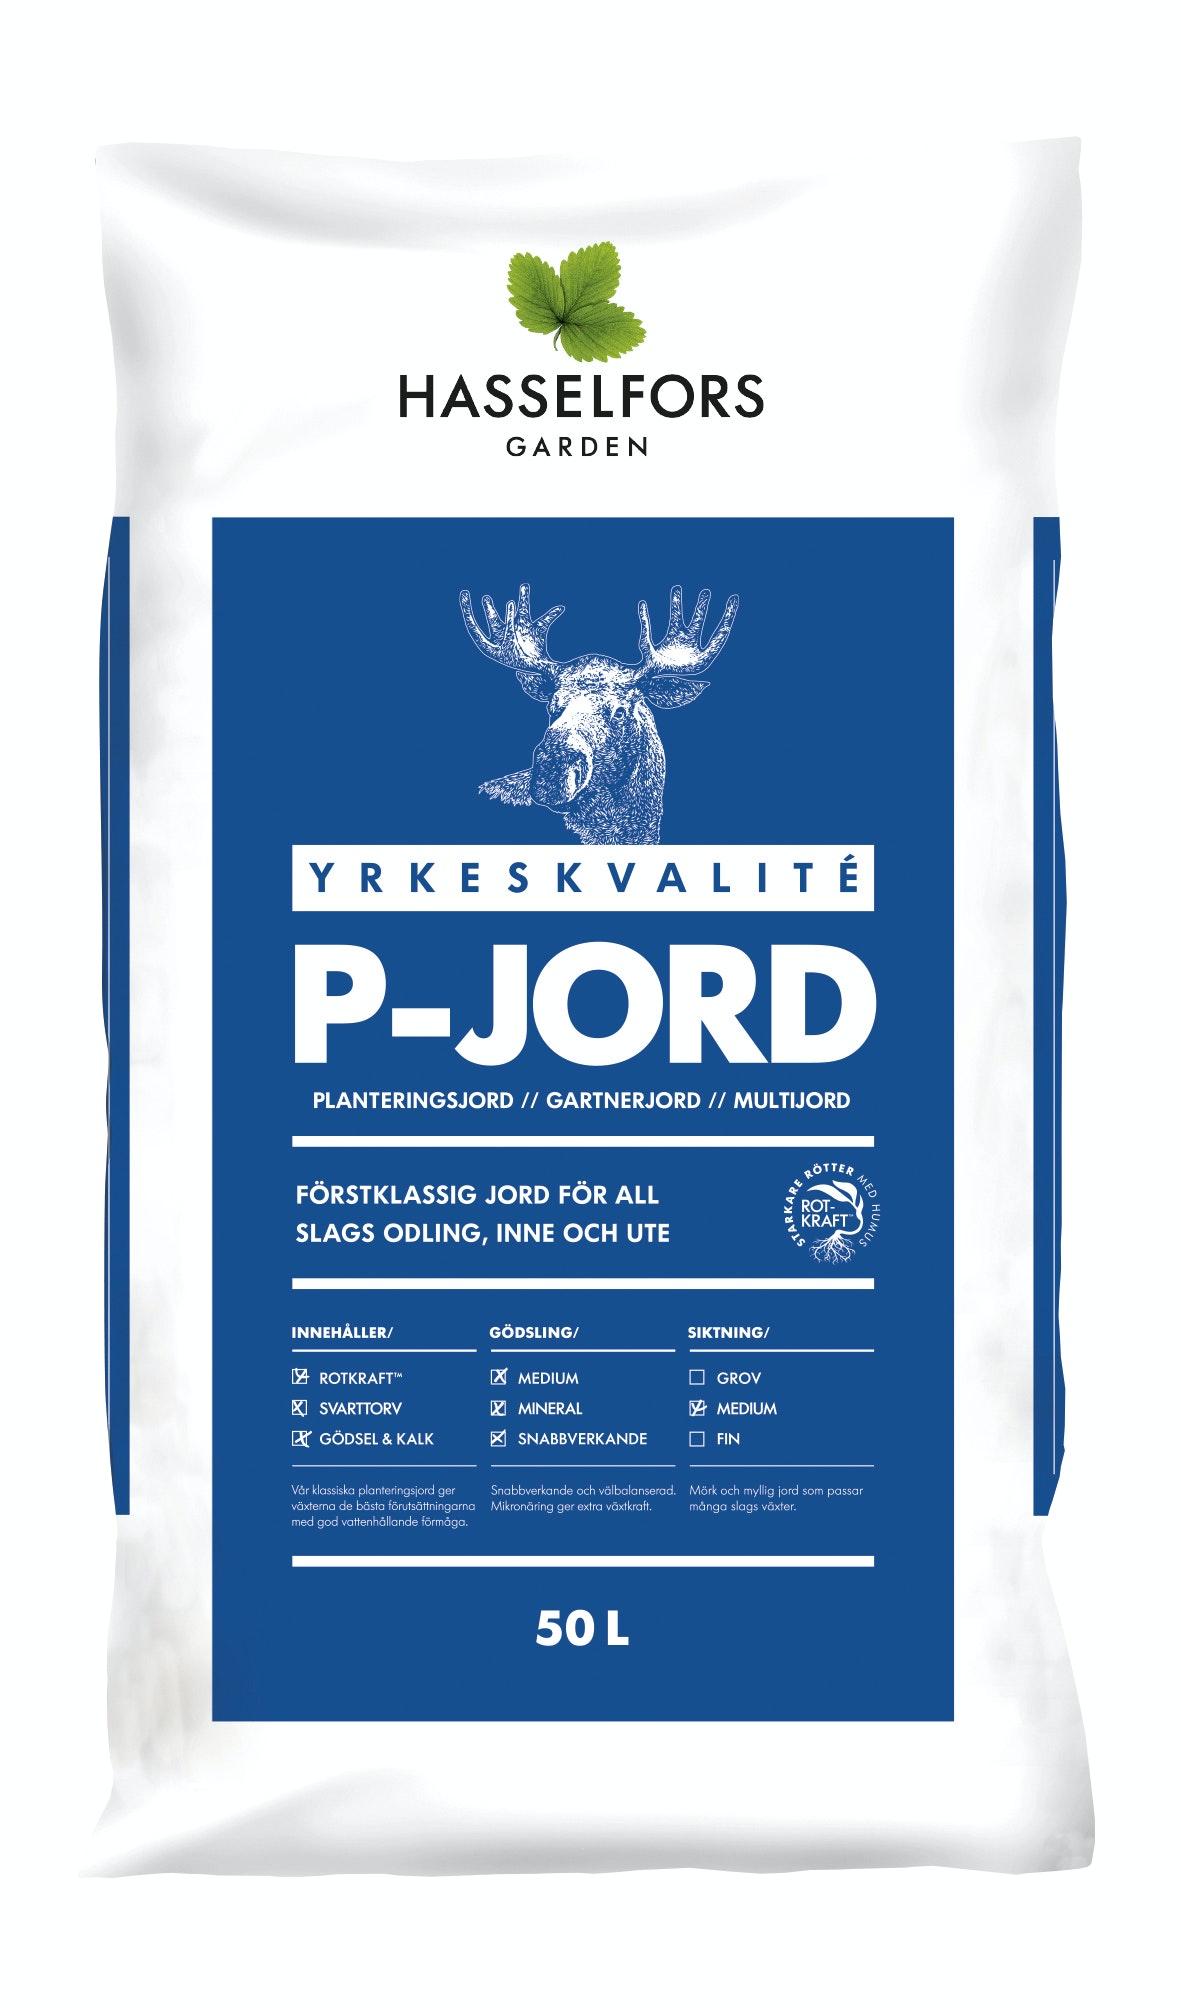 Jord P Hasselfors 50L